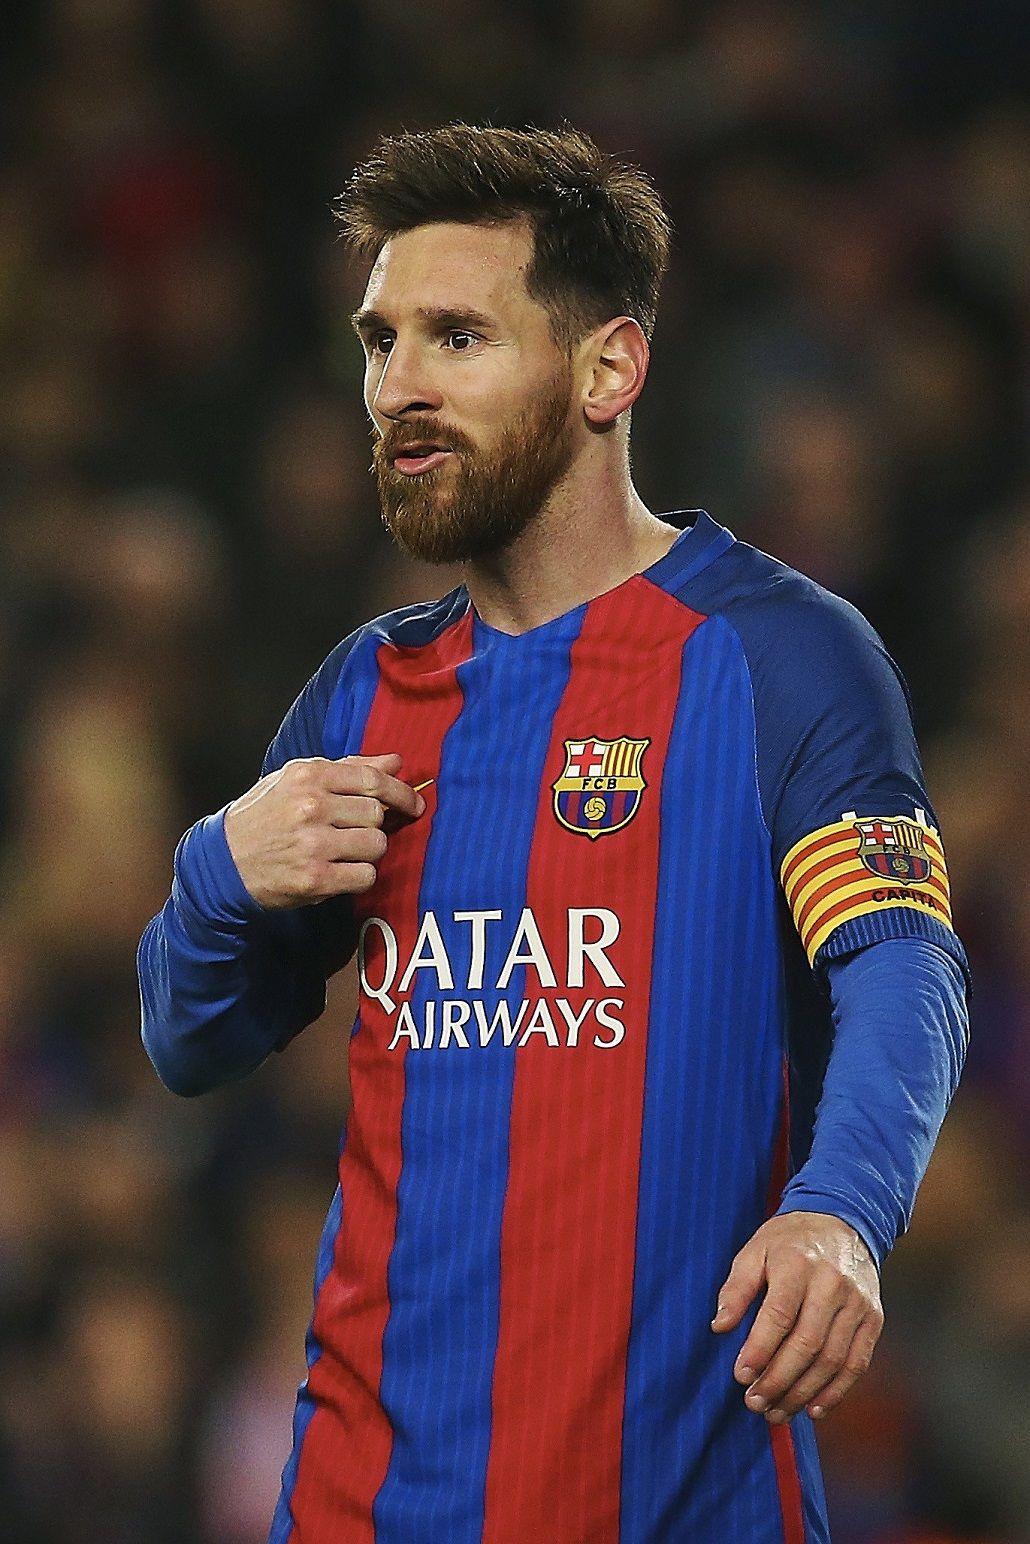 El mensaje de Messi para un fanático con parálisis cerebral